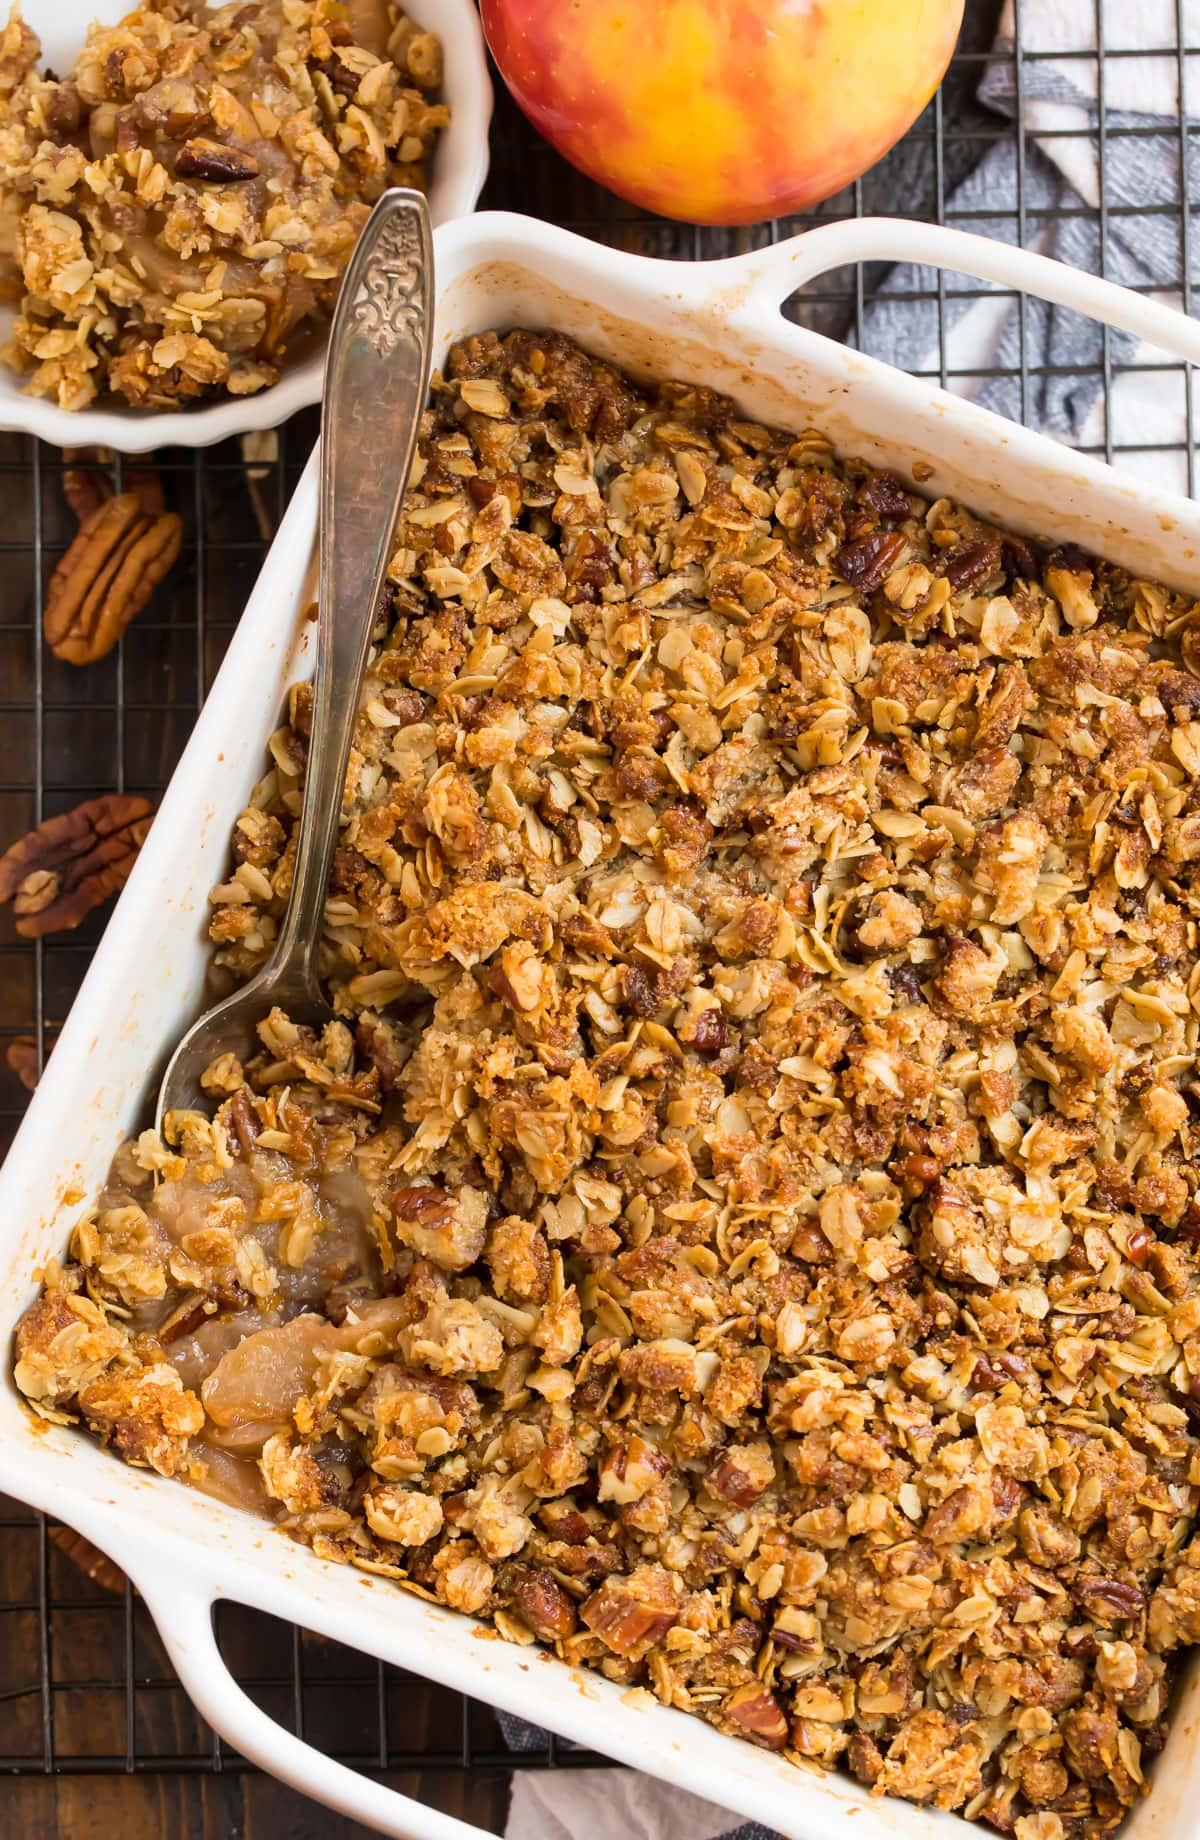 Gluten free apple crisp in a baking dish